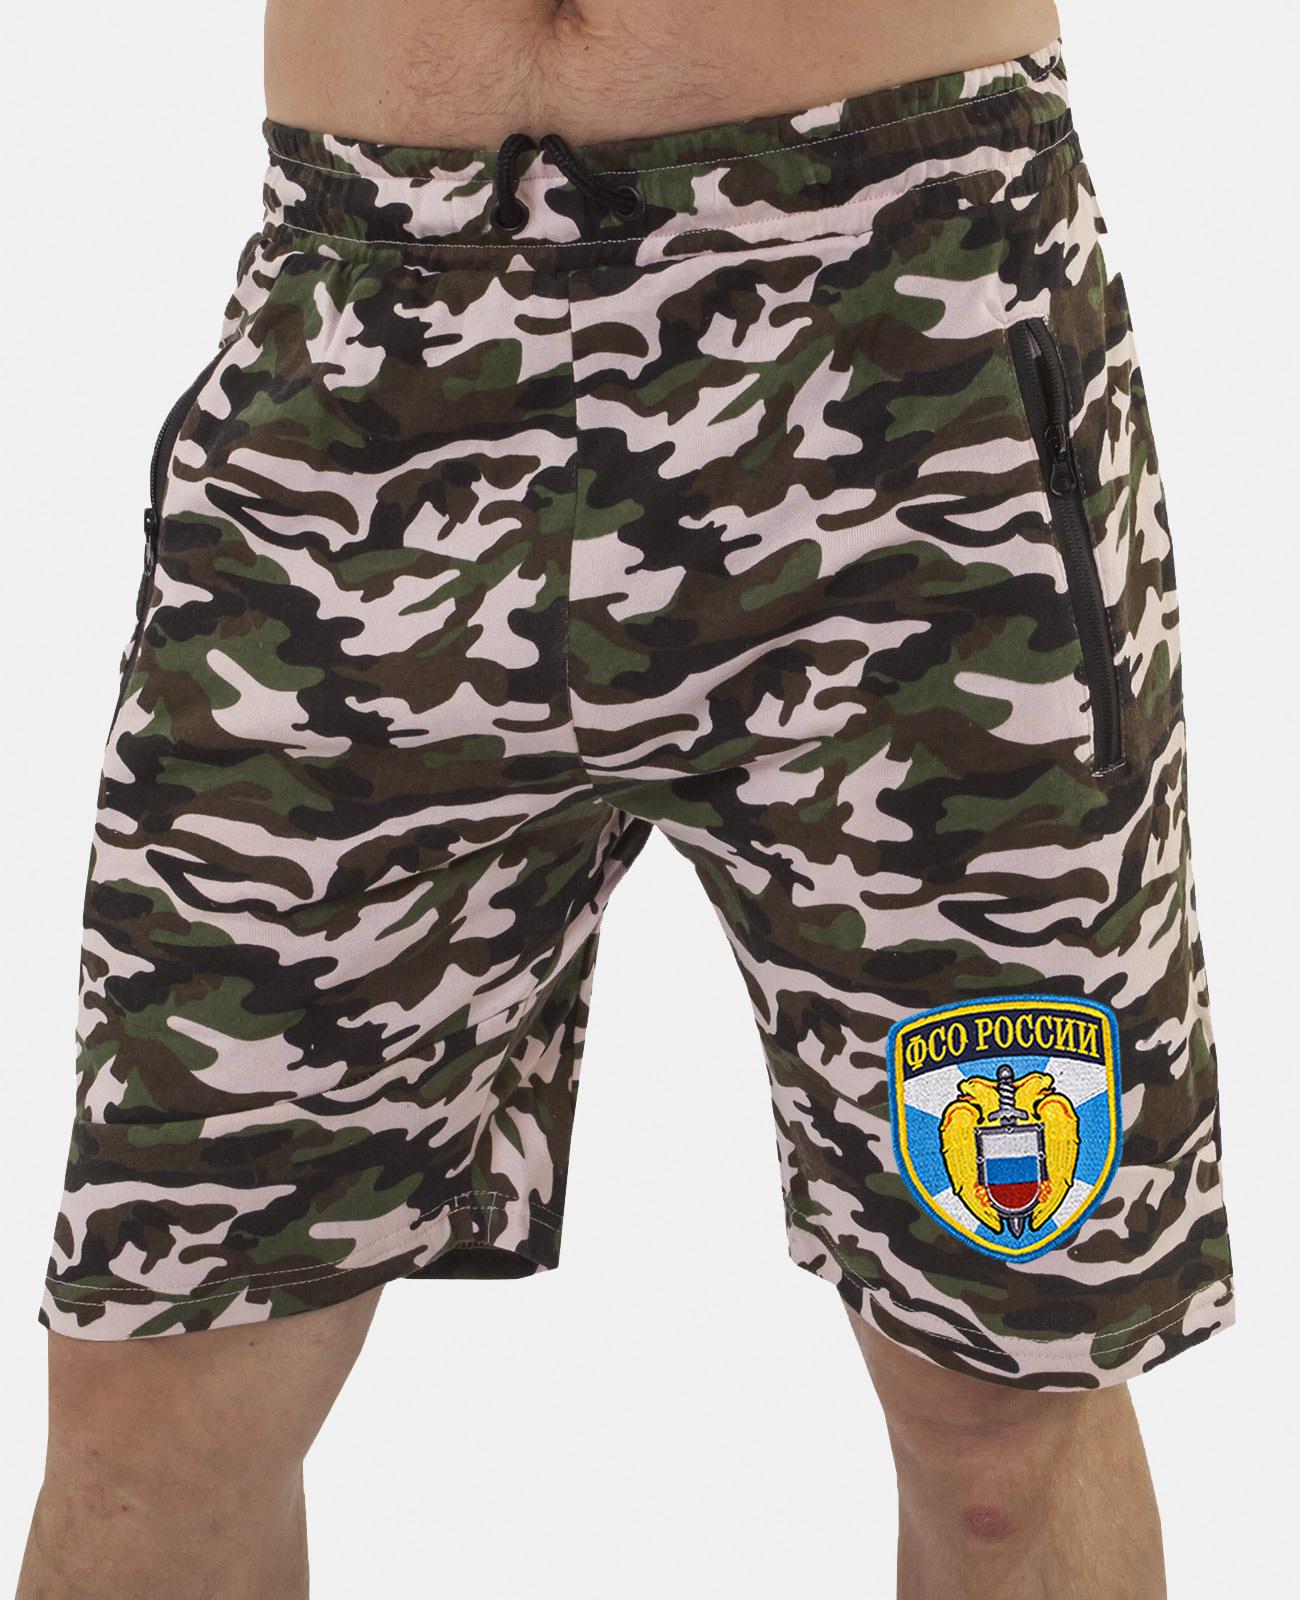 Купить комфортные надежные шорты с нашивкой ФСО по выгодной цене